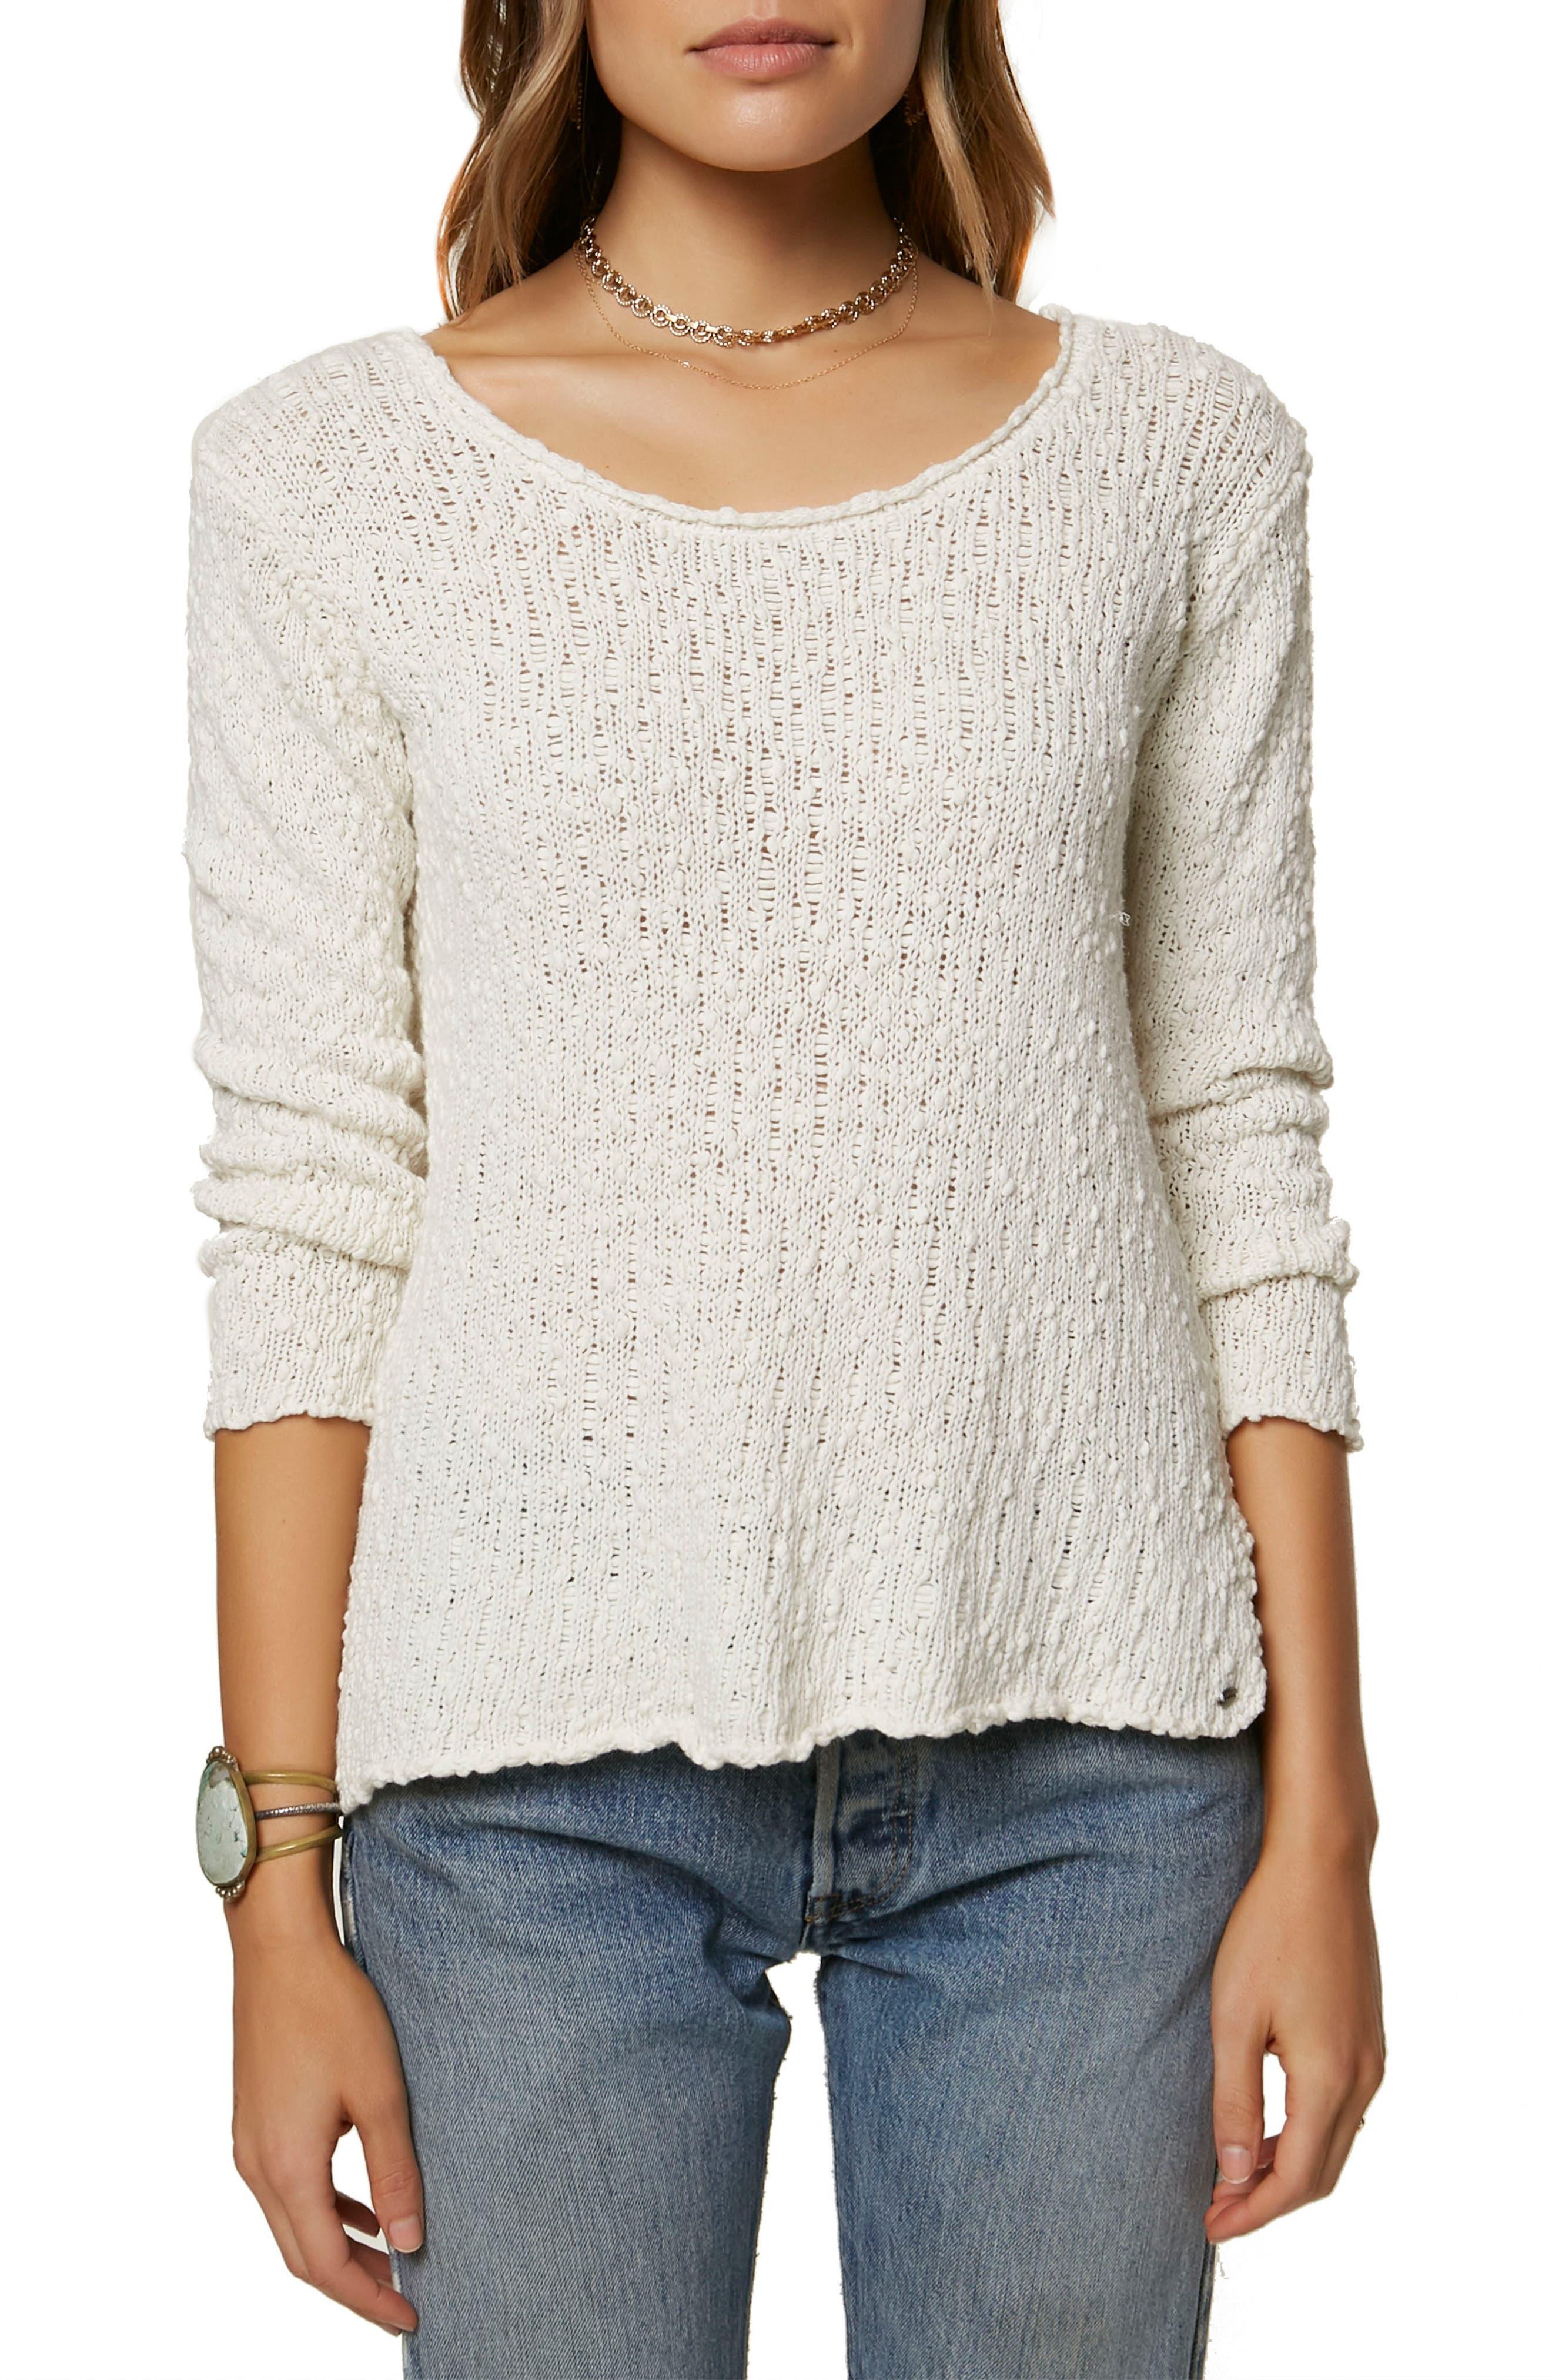 Rocha Pullover Sweater,                         Main,                         color, 100